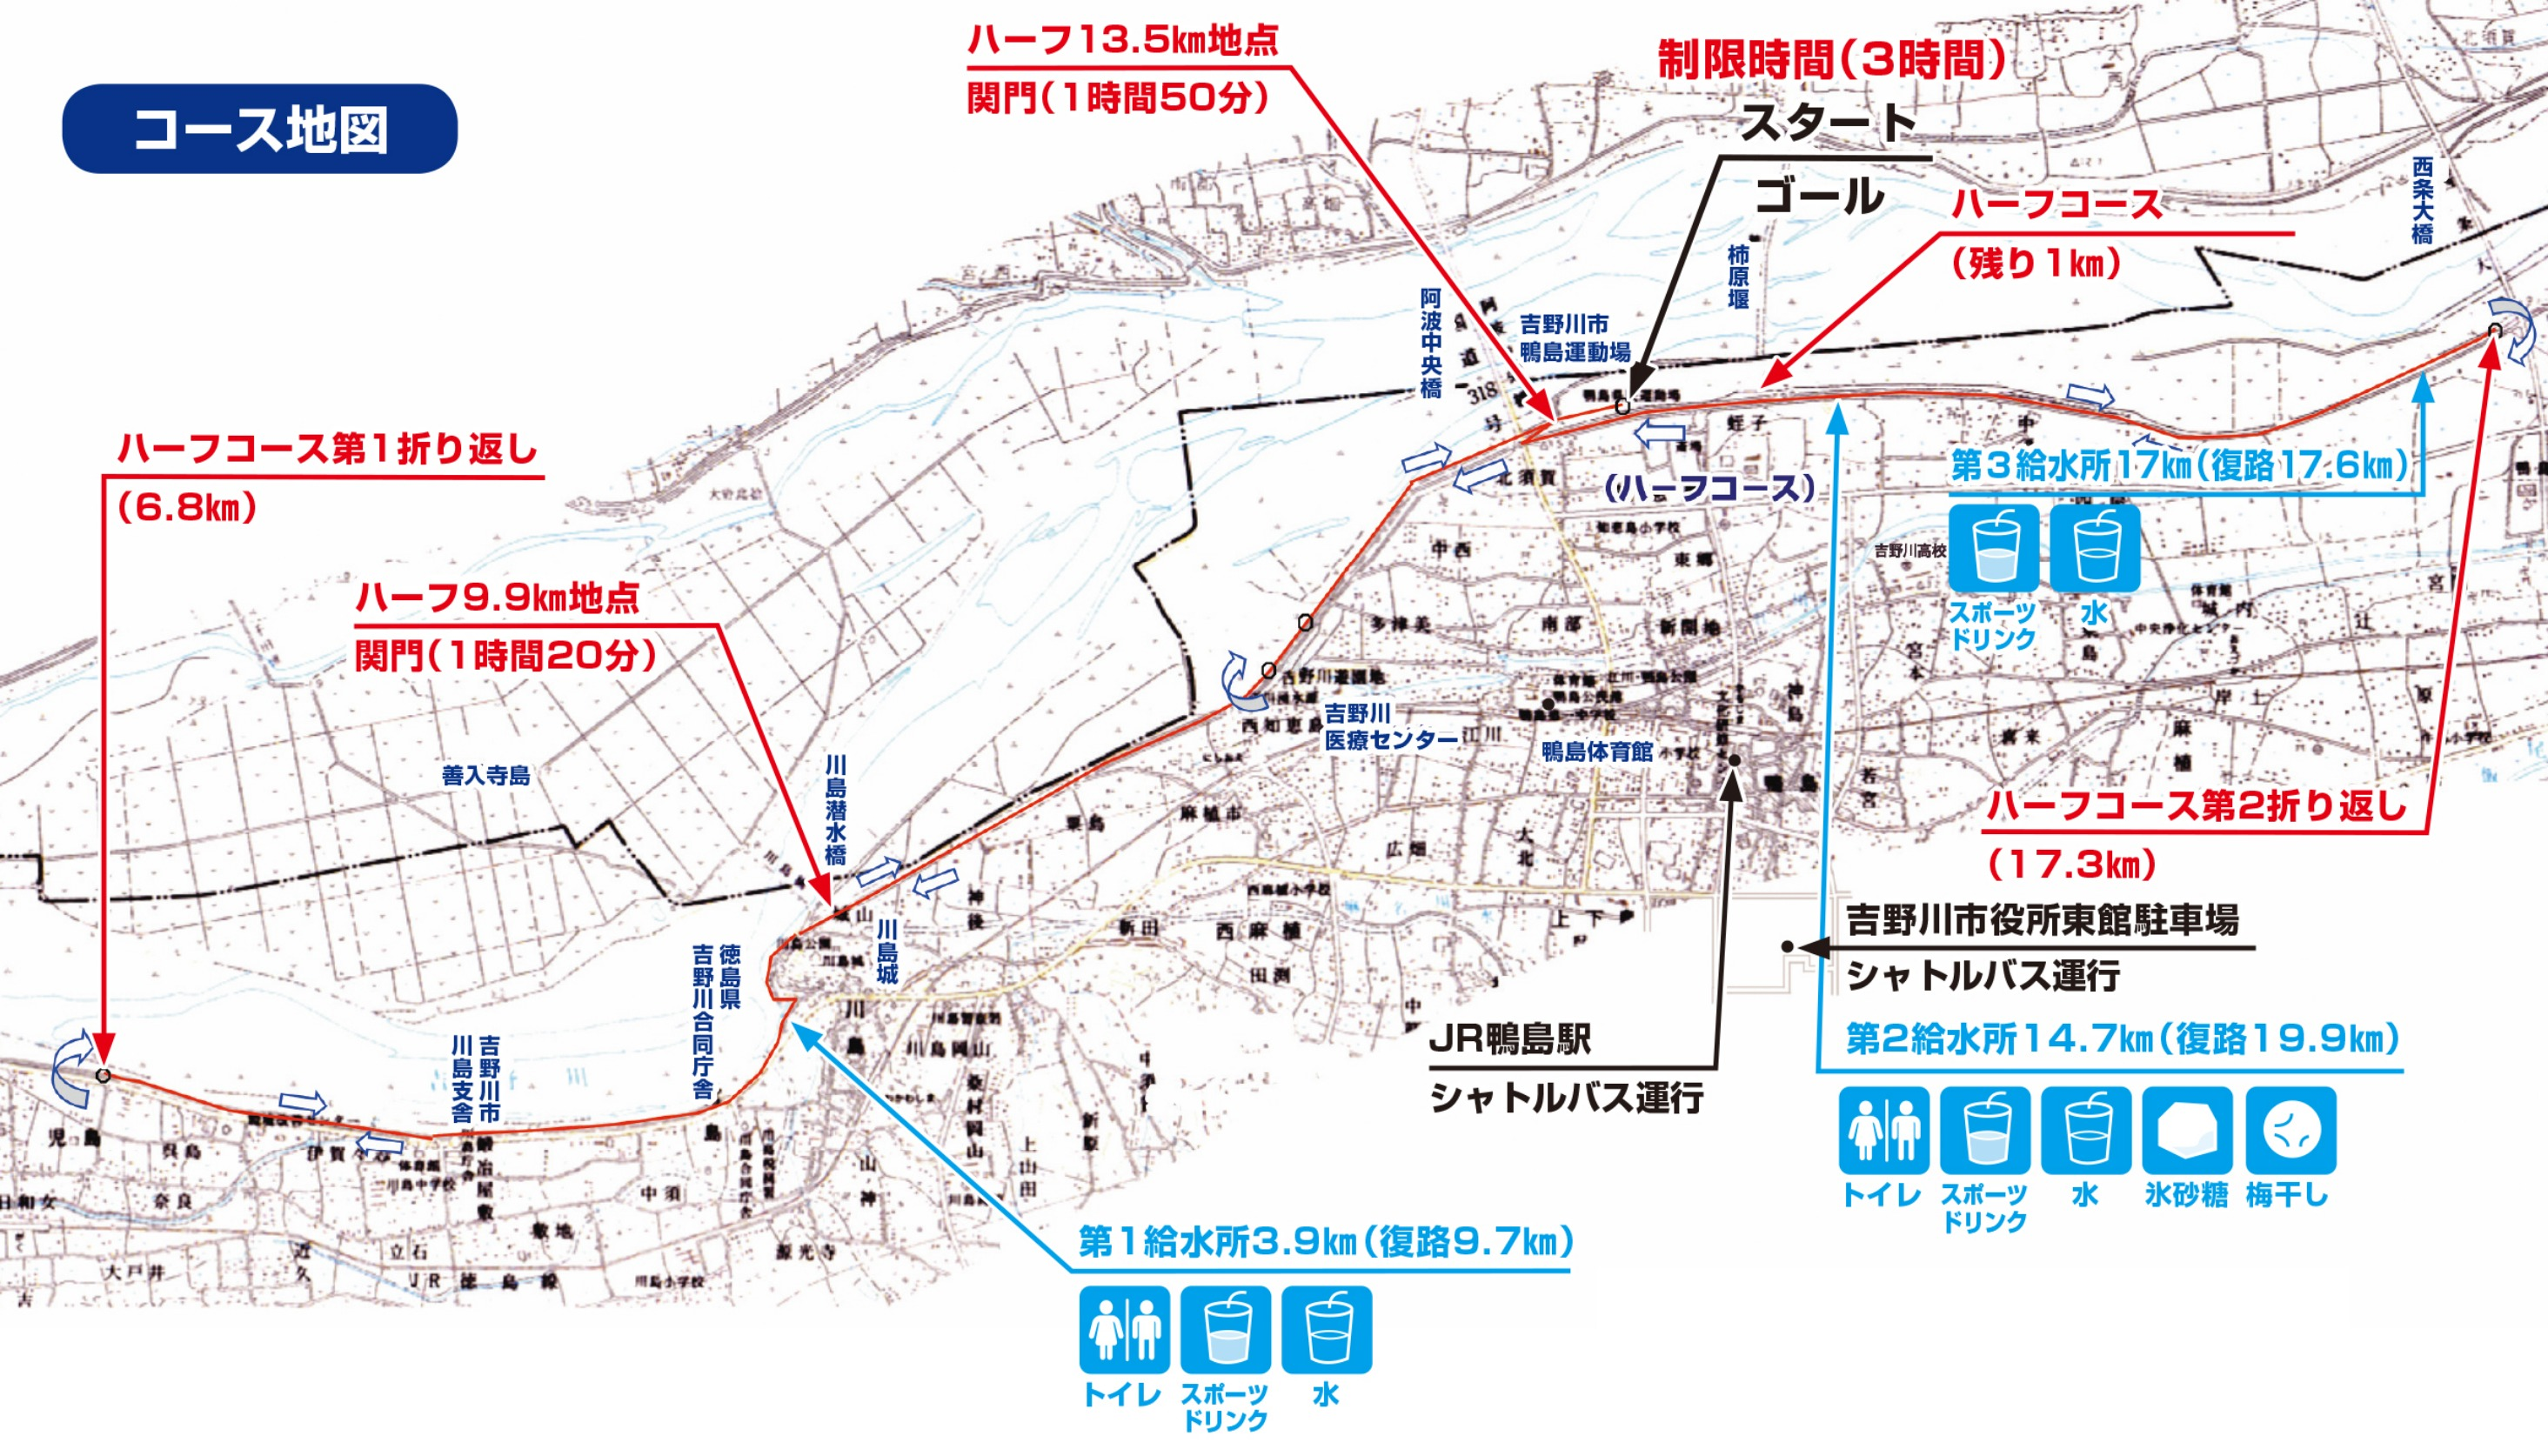 吉野川市リバーサイドハーフマラソンコースマップ